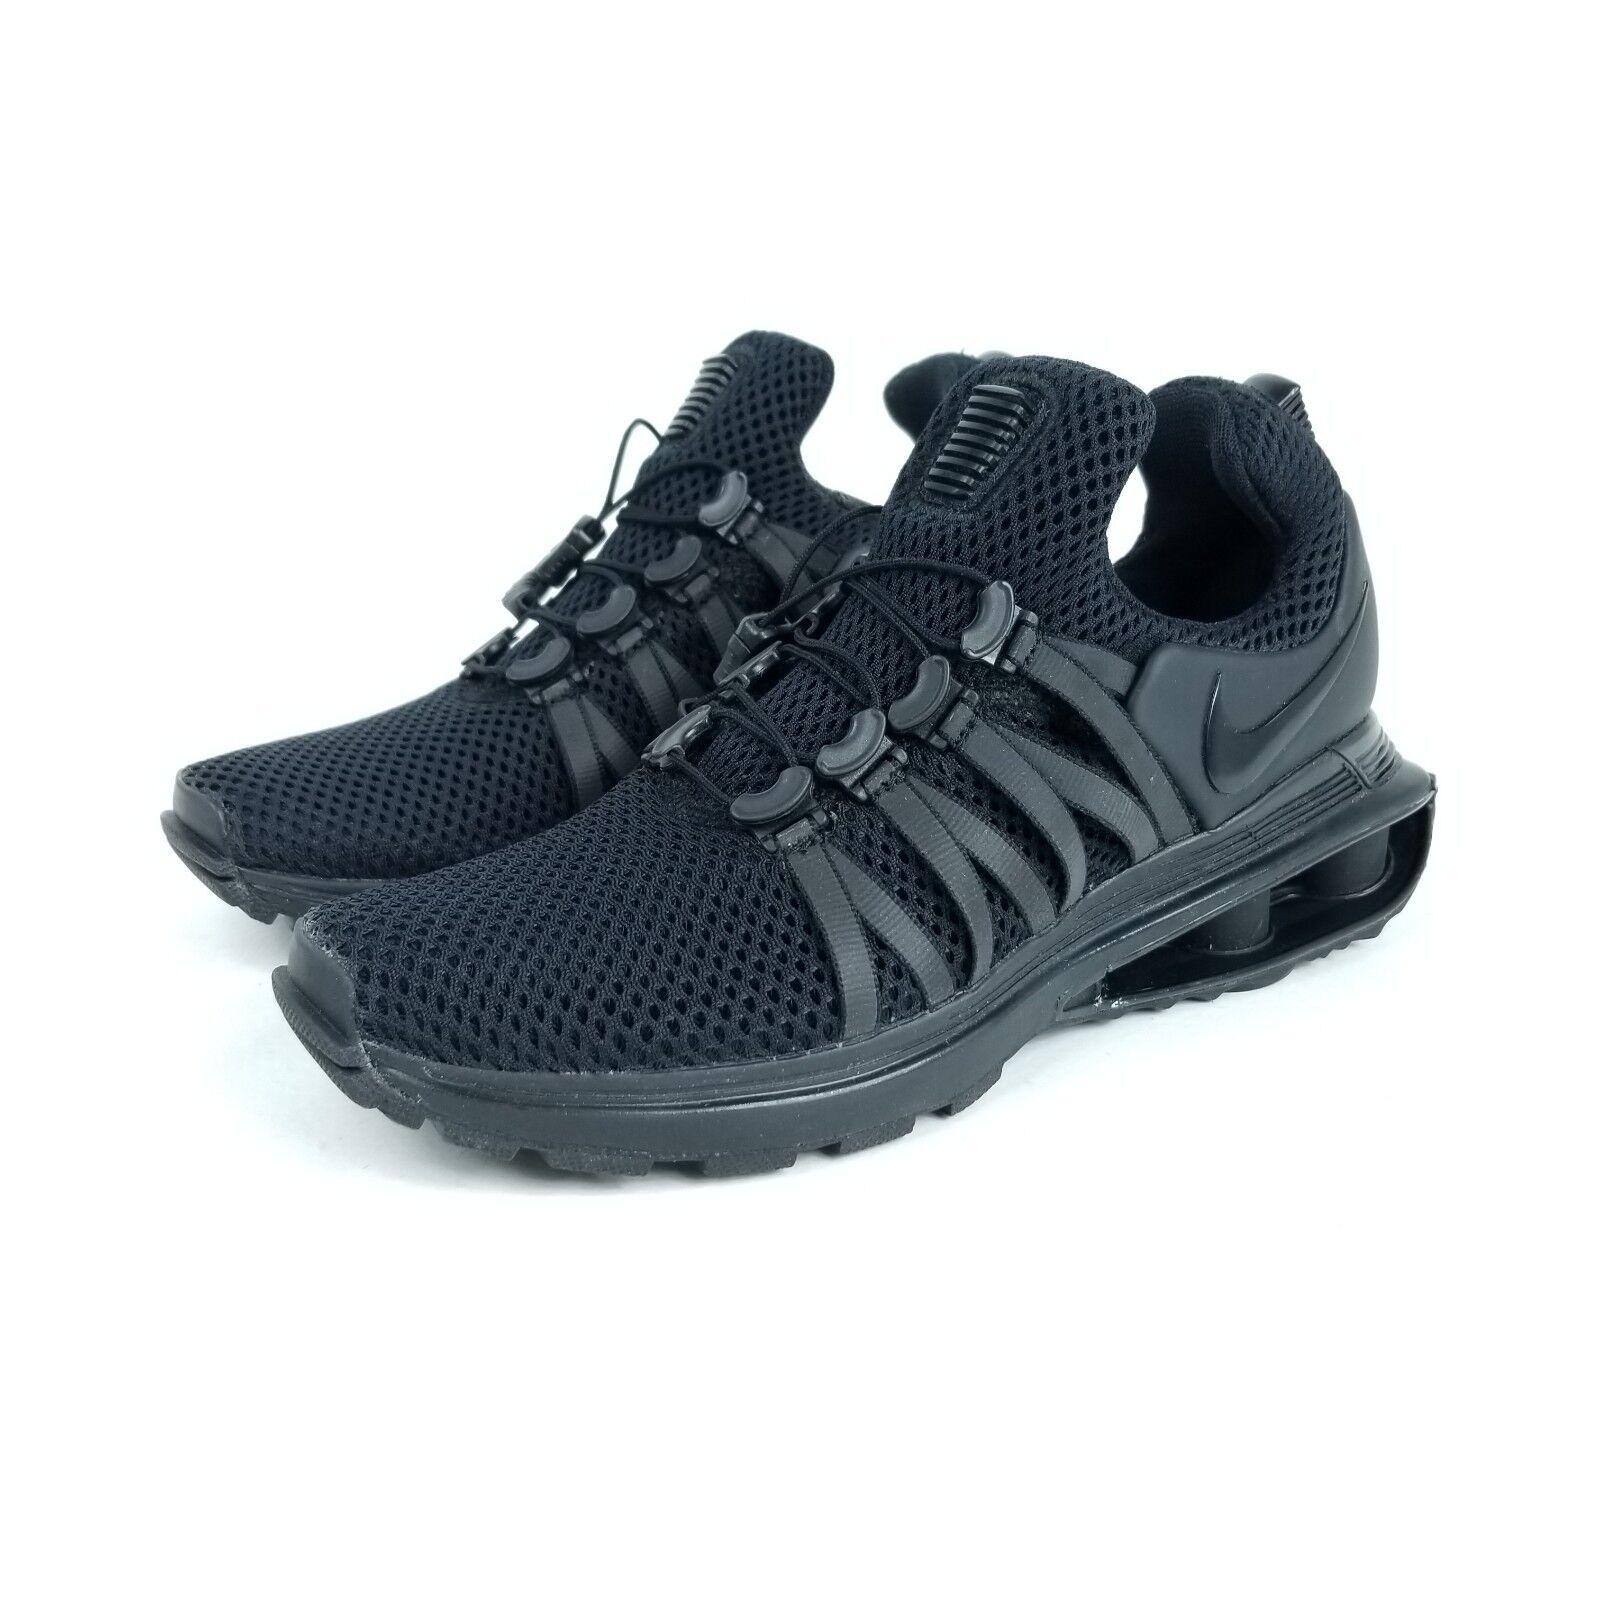 NIKE Shox Gravity Womens Sz 5 Shoes Black AQ8554 001